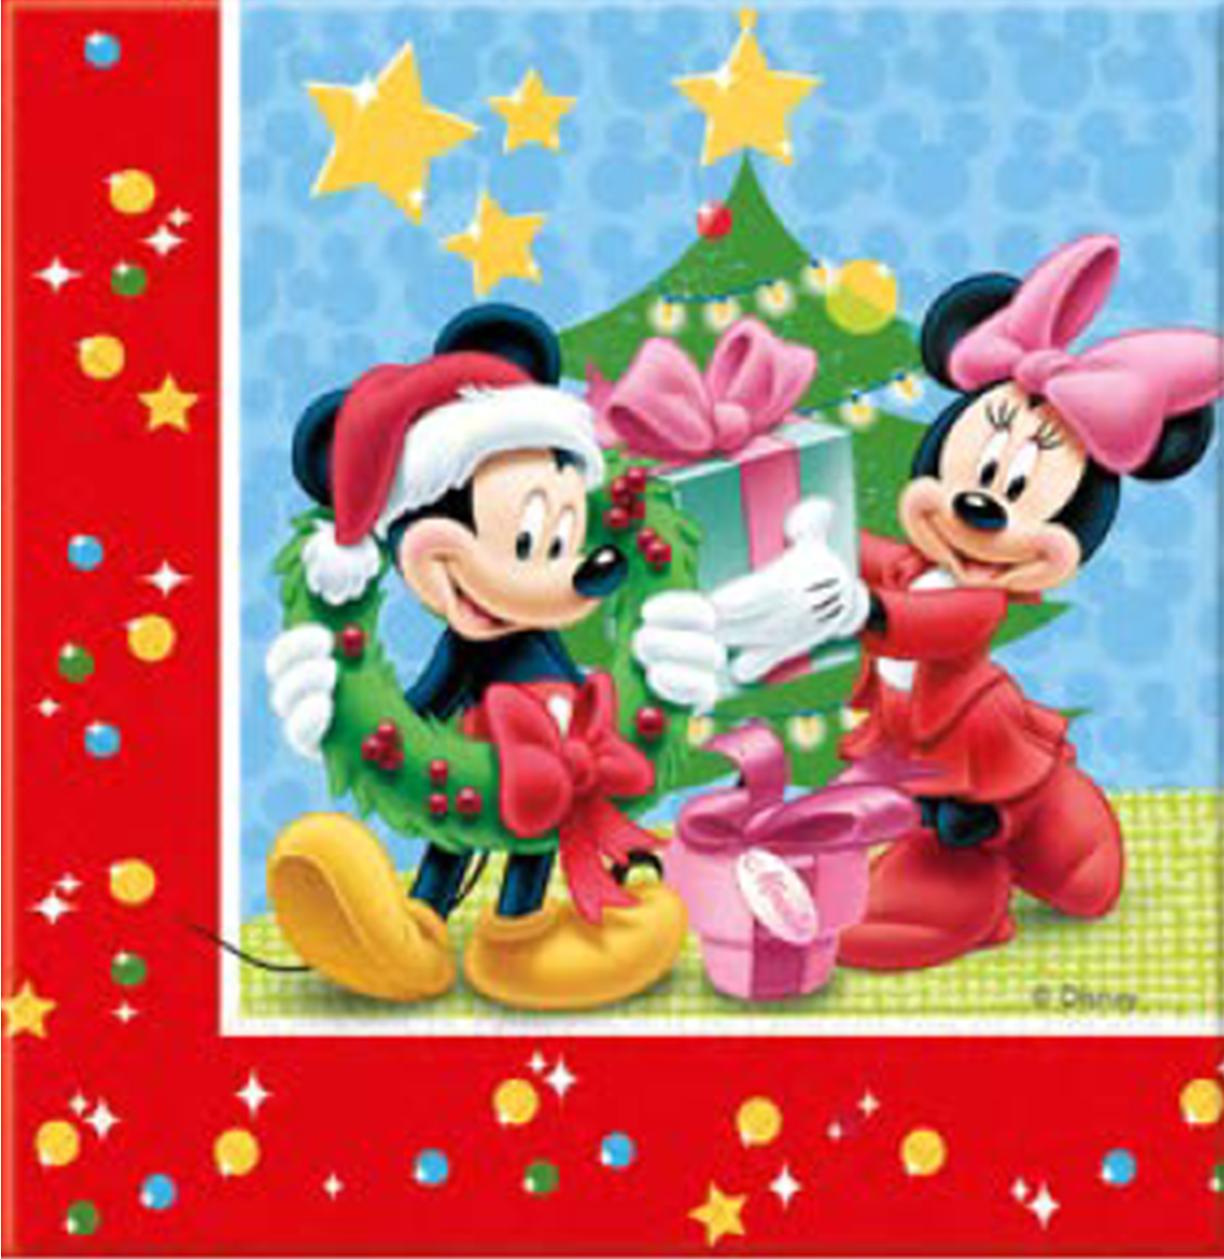 Billede af Mickey jule servietter